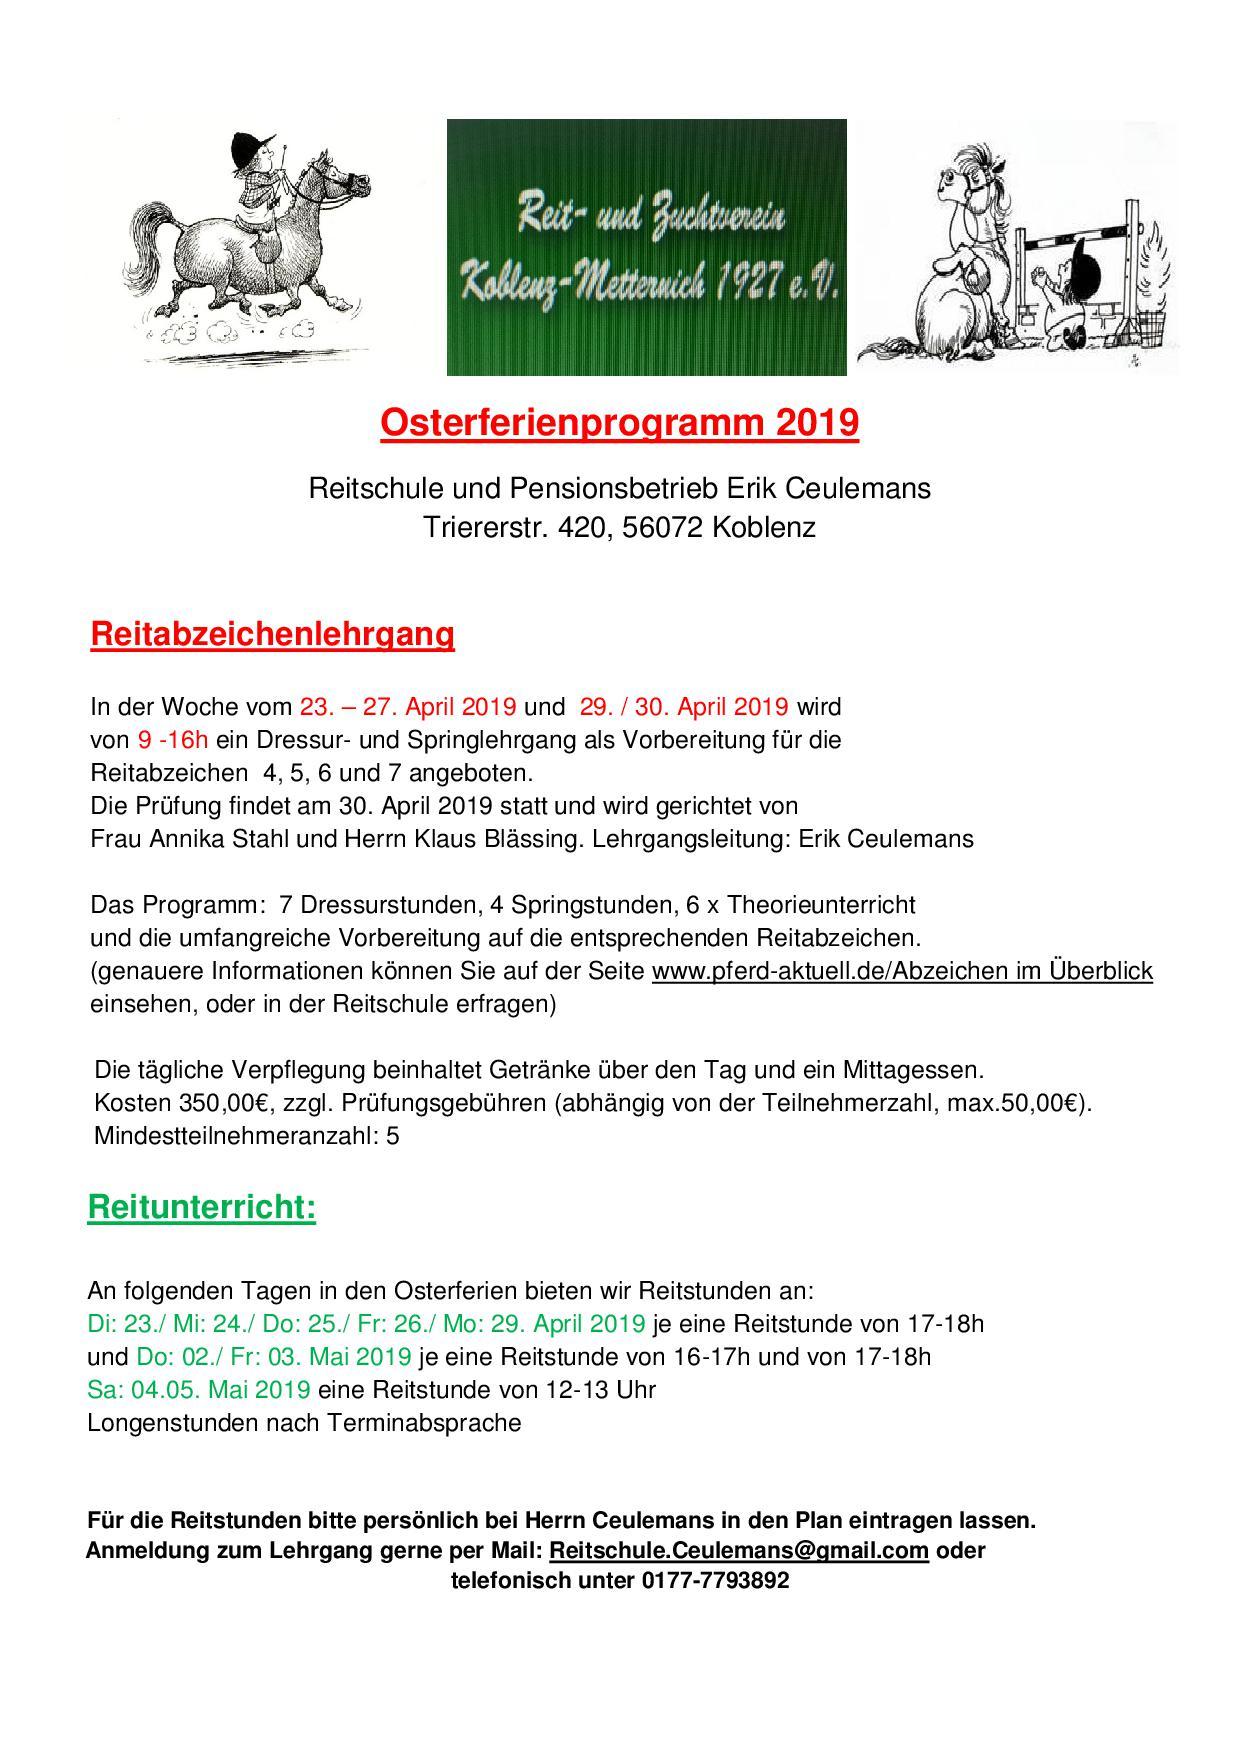 Osterferienprogramm der Reitschule Erik Ceulemans